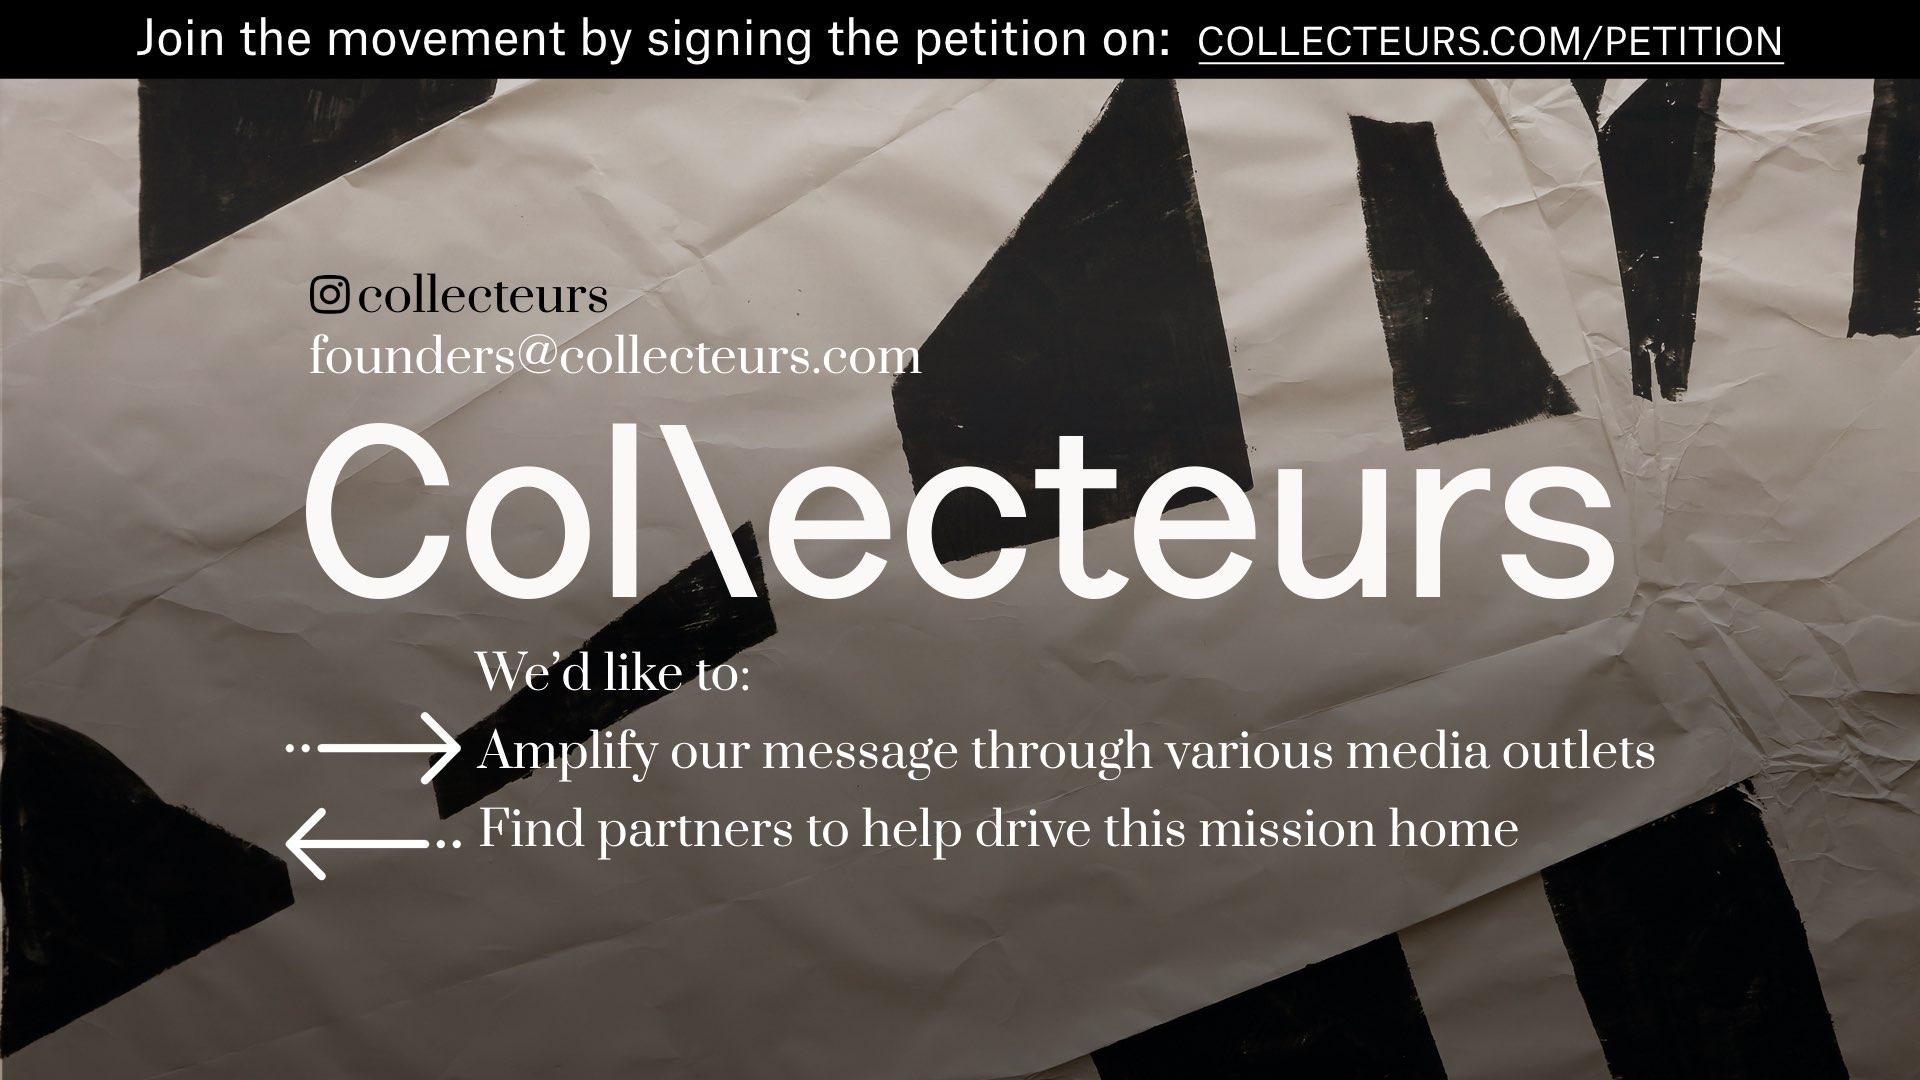 Collecteurs-Outline (01_11_2018) Vectorized - FINAL.023.jpeg